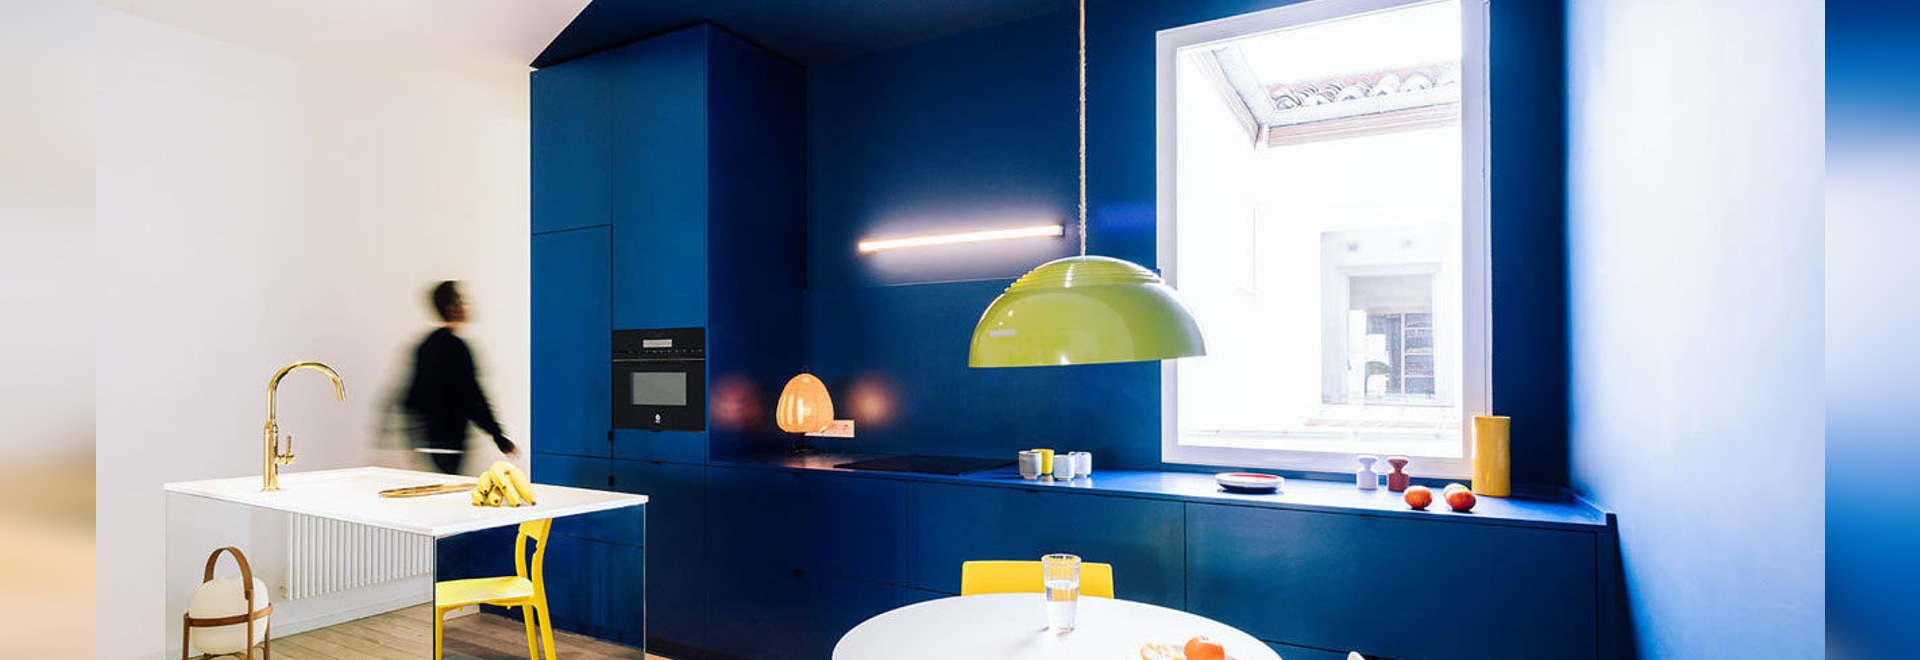 sequenzhaus: Eine 124-Quadratmeter-Wohnung in Madrid, gefüllt mit Primärfarben